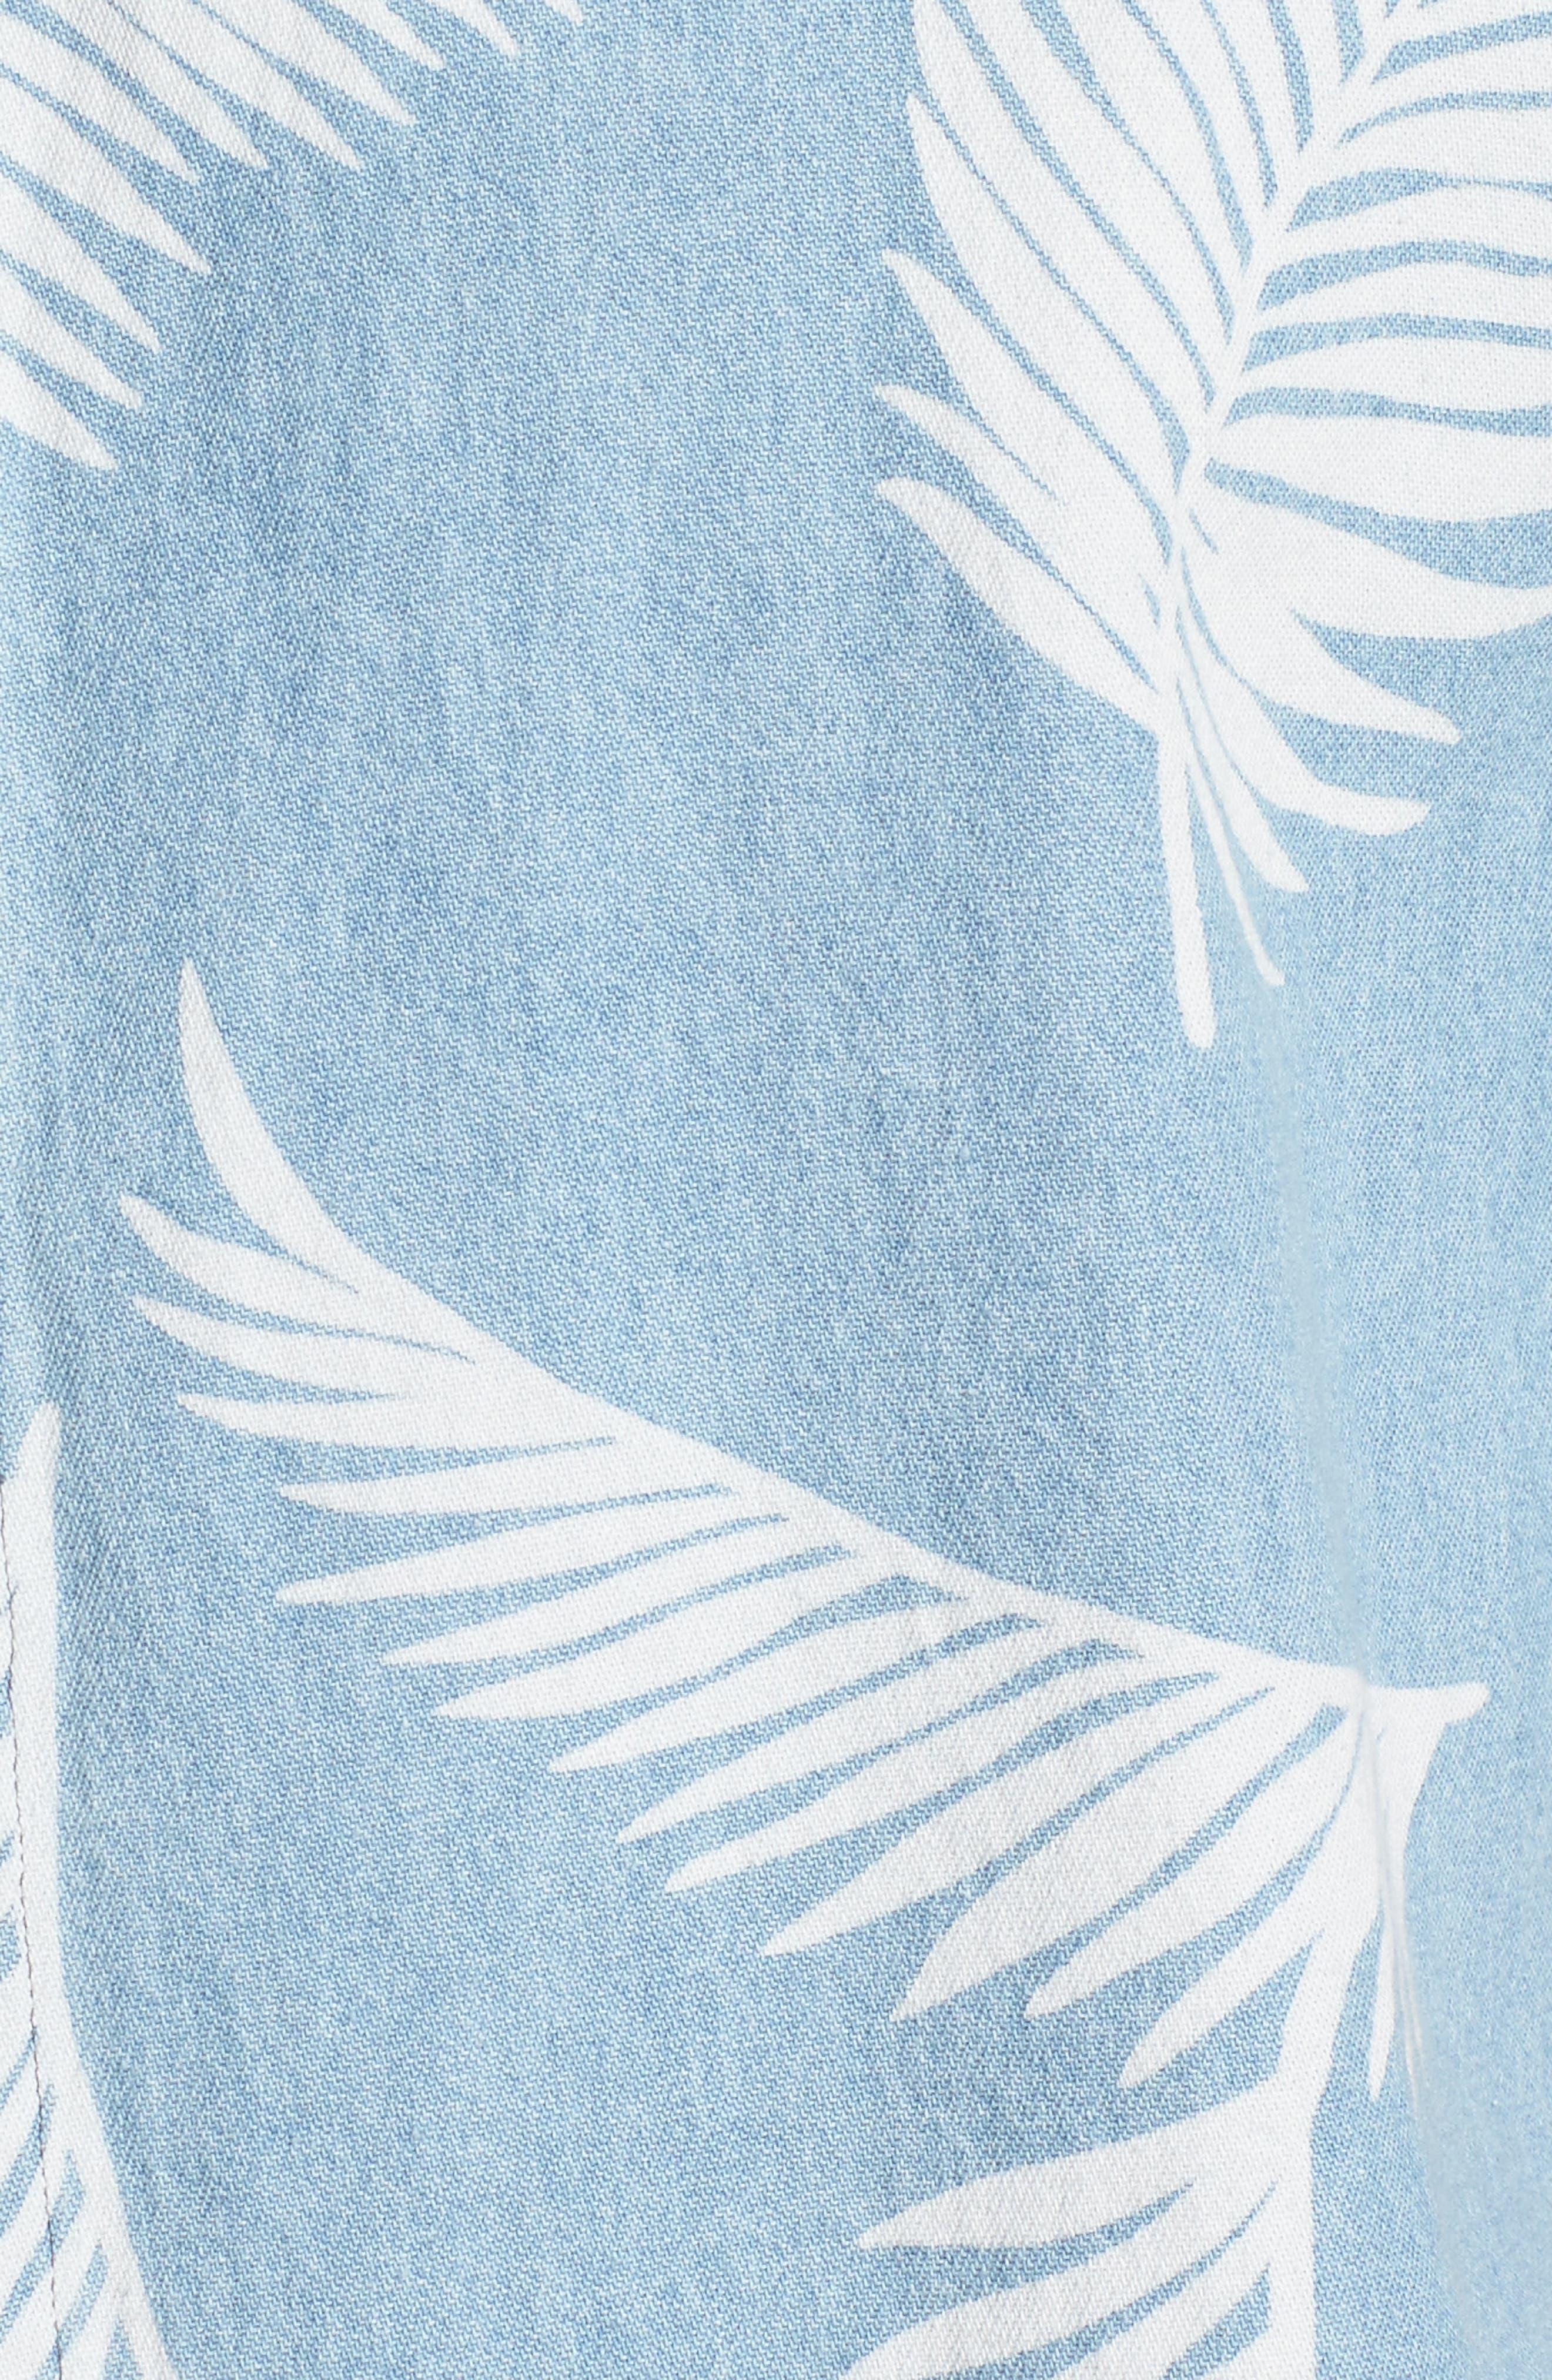 Bahamas Shirt,                             Alternate thumbnail 5, color,                             Indigo/ Floral